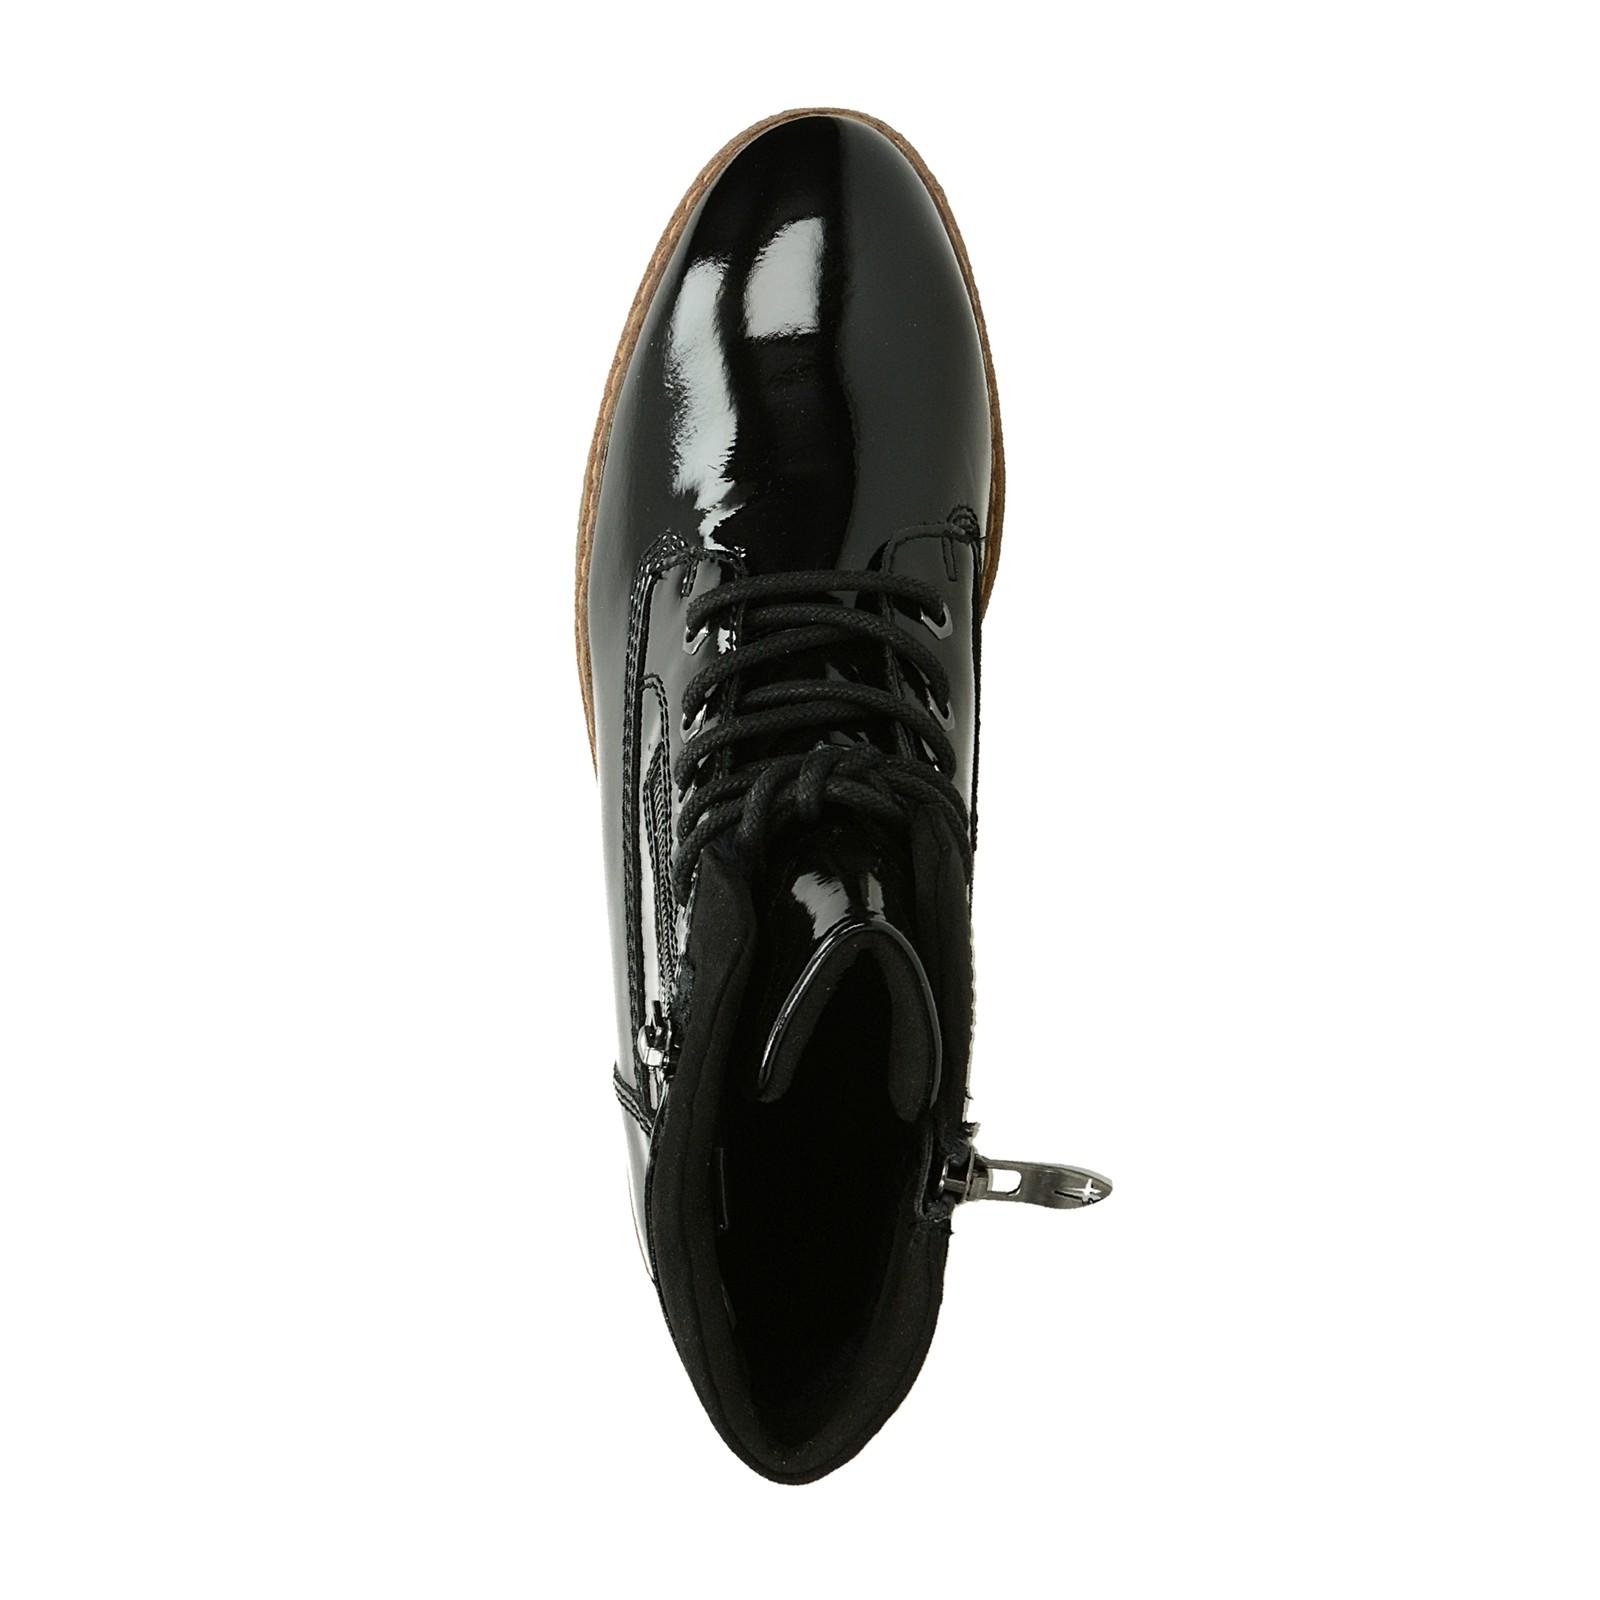 369f6a015f61 Tamaris dámske lesklé nízke čižmy na klinovej podrážke - čierne ...